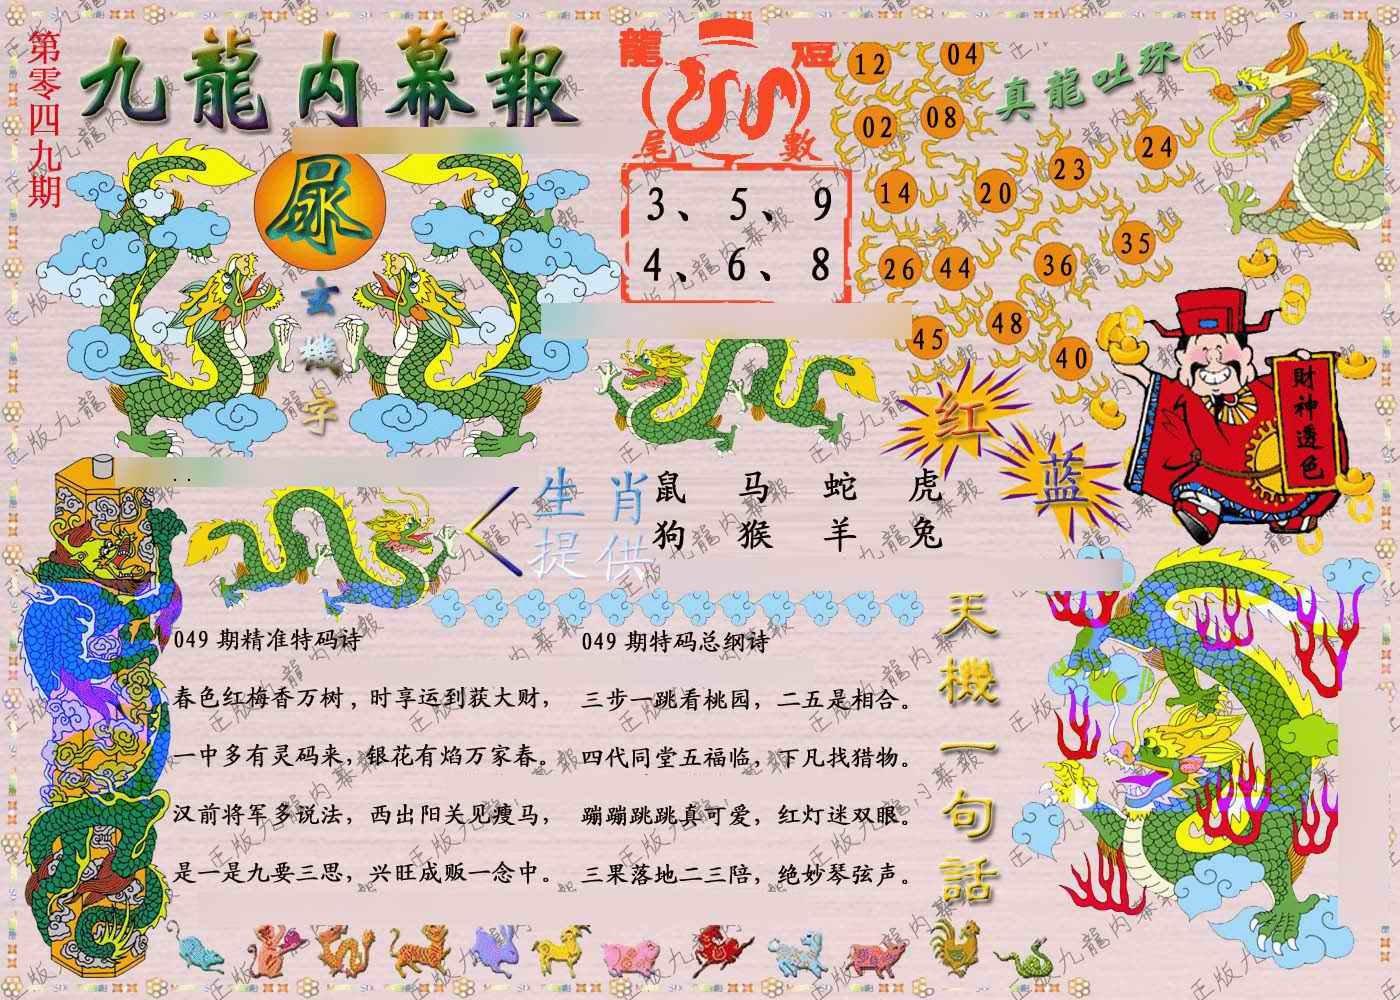 049期正版九龙内幕报